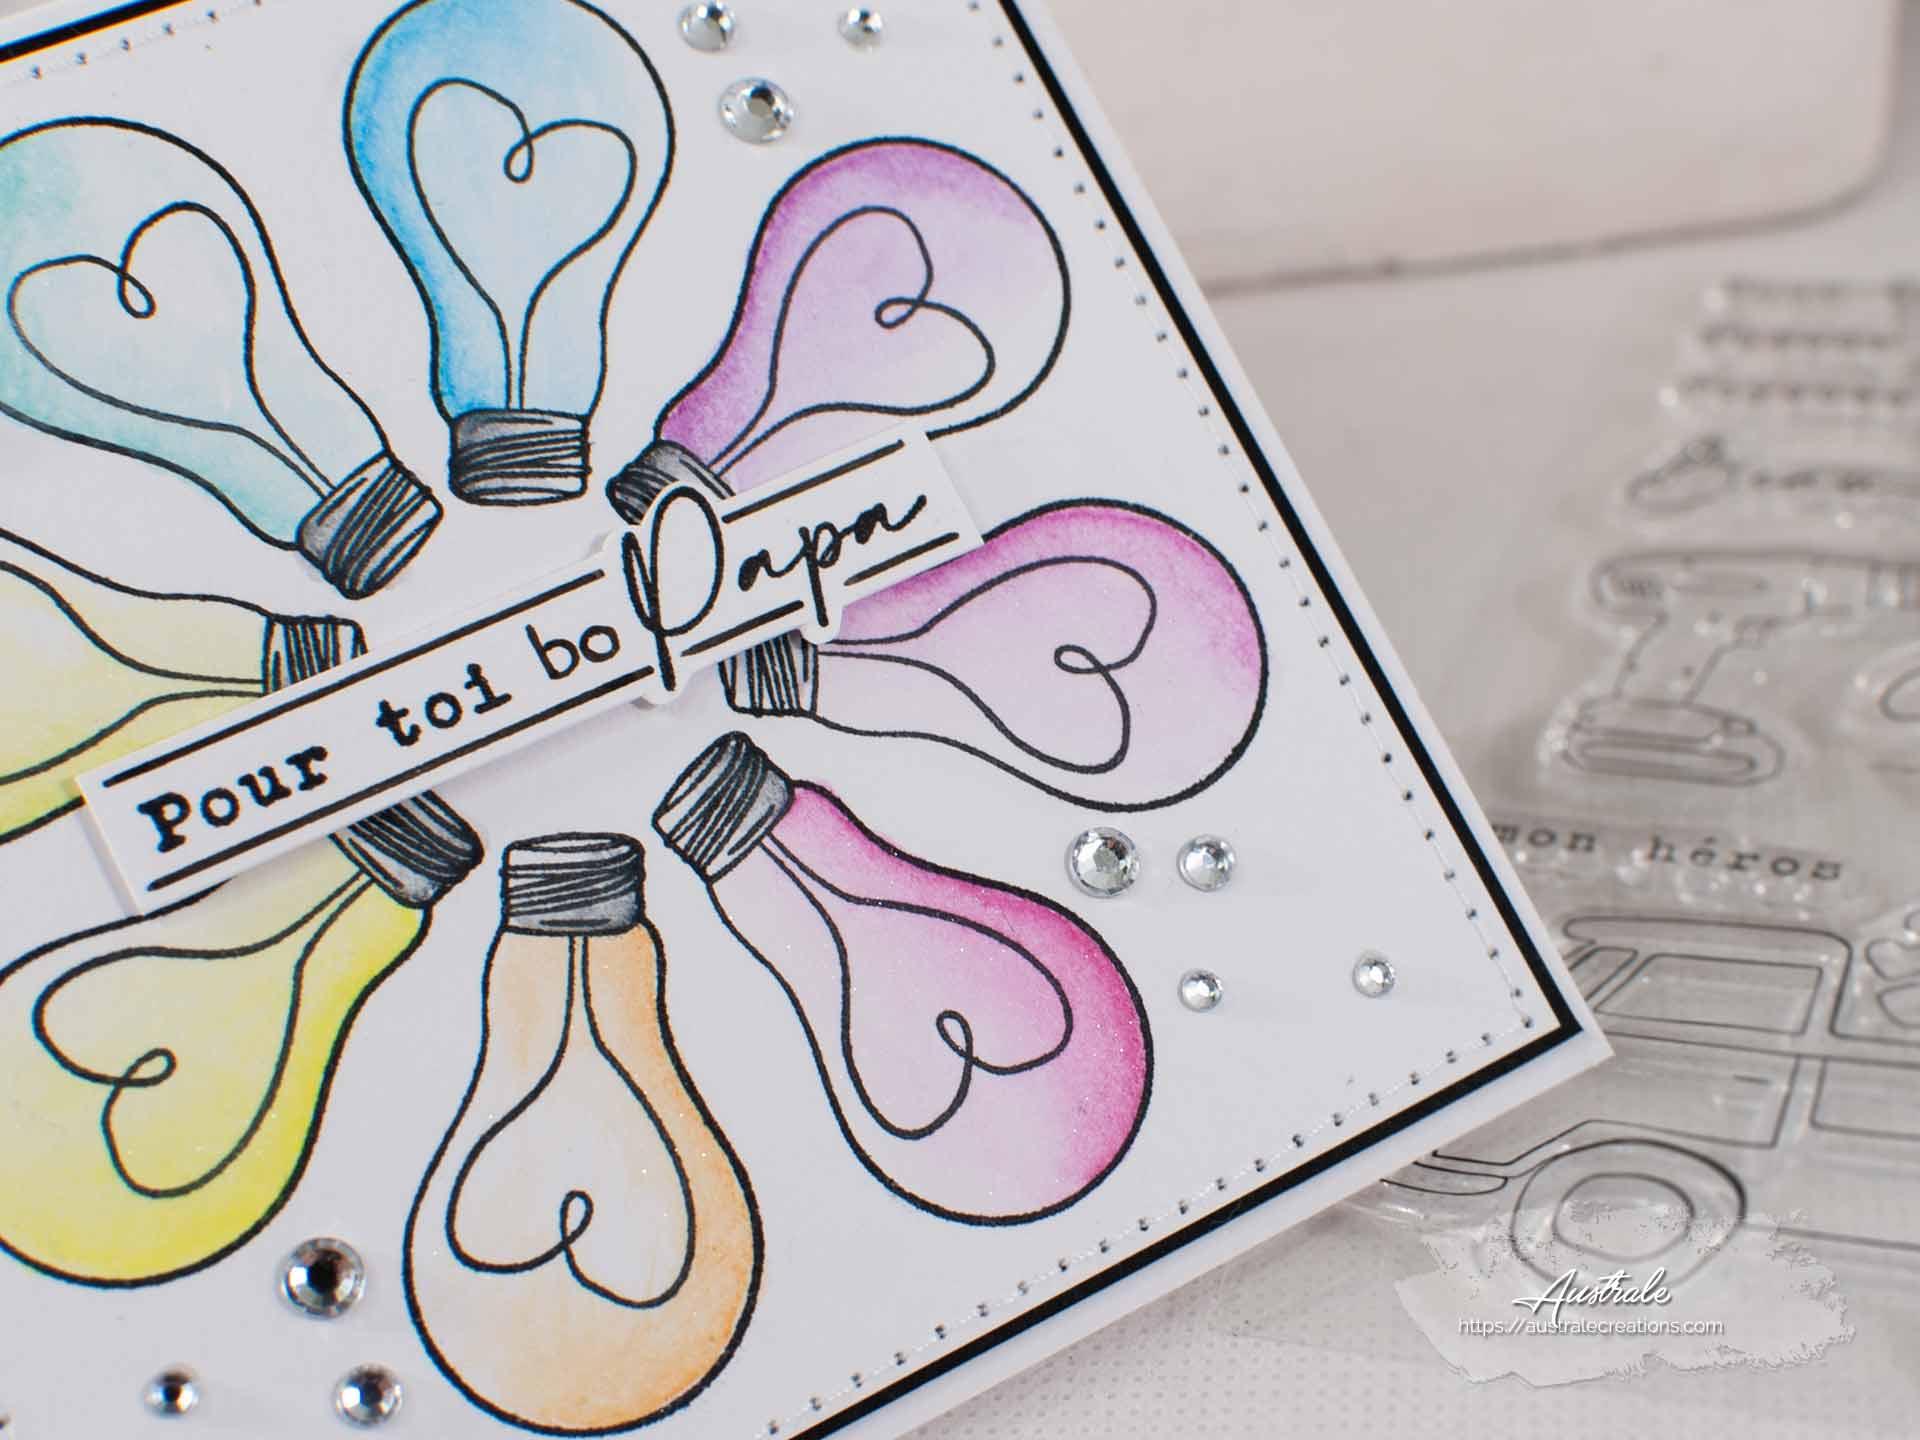 """Création d""""une carte pour la fête des pères avec couronner d'ampoules aux couleurs de l'arc en ciel."""